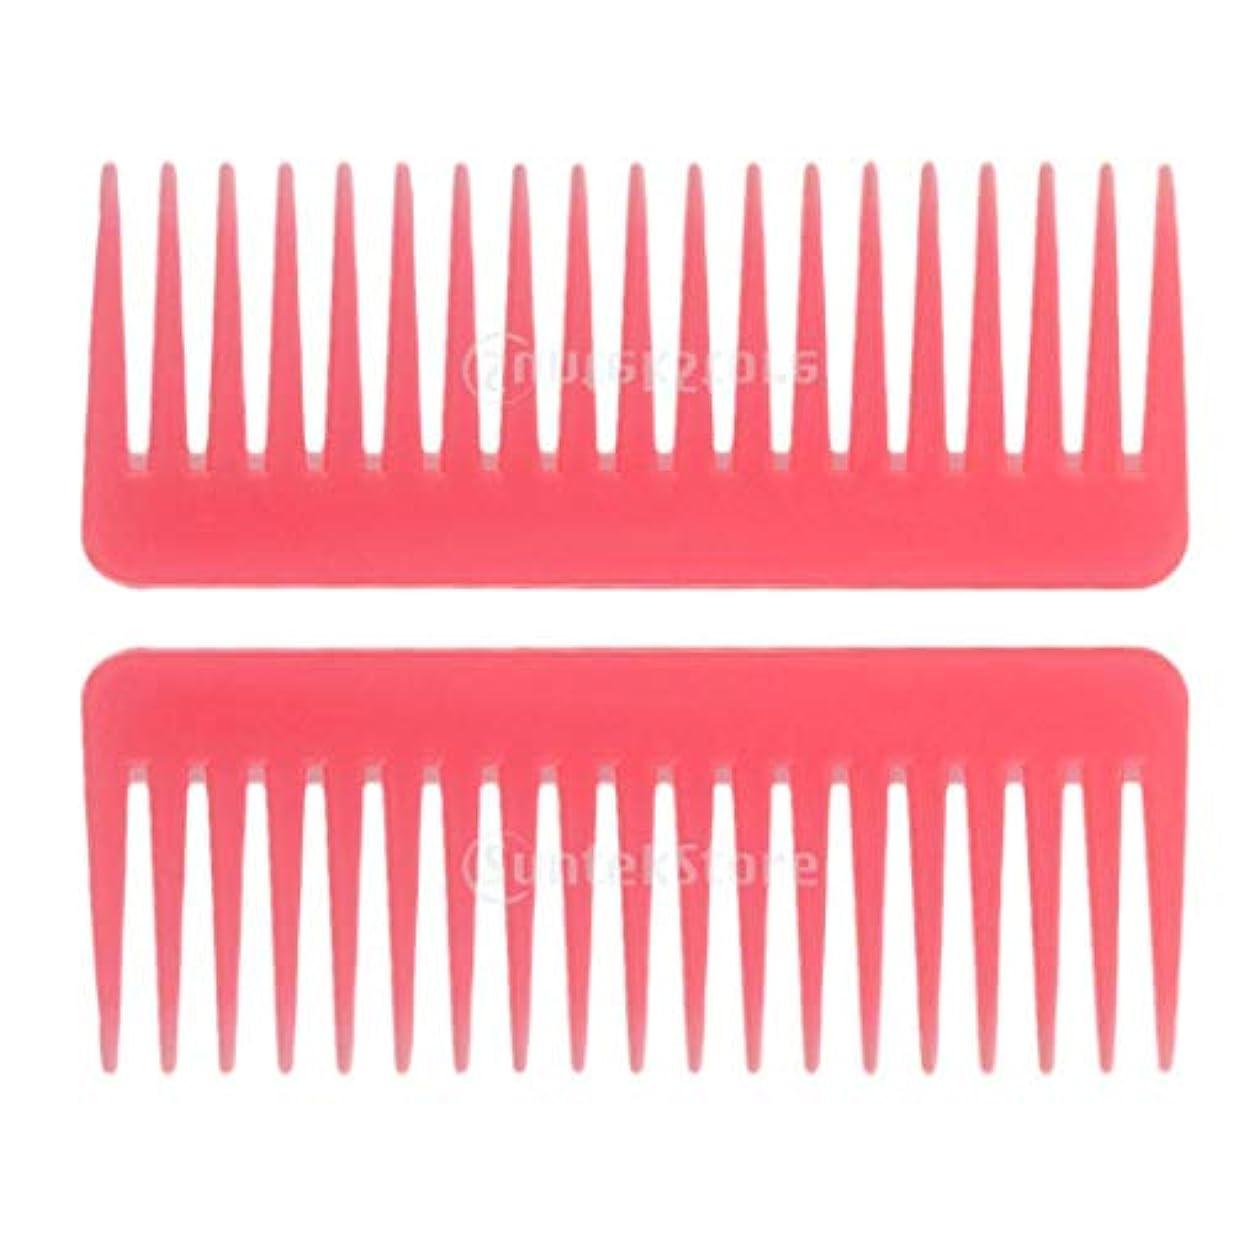 付属品アルファベットインストラクターヘアブラシ ヘアコーム 静電気防止櫛 広い歯コーム マッサージ サロン 理髪店 ツール 2個セット